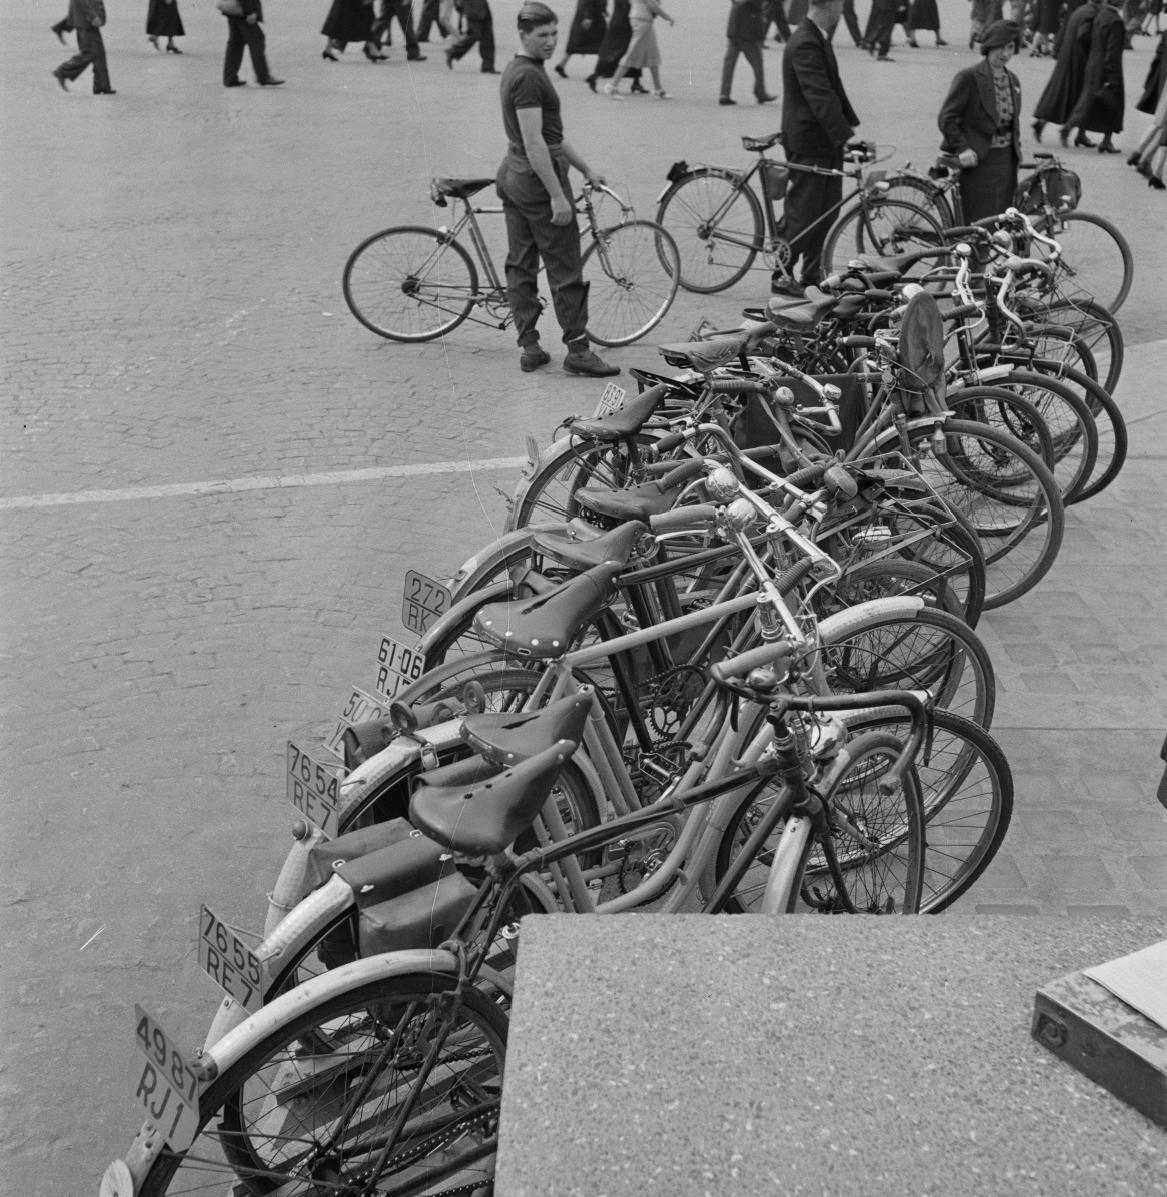 34. Стоянка велосипедов. Порт-де-Клиньянкур